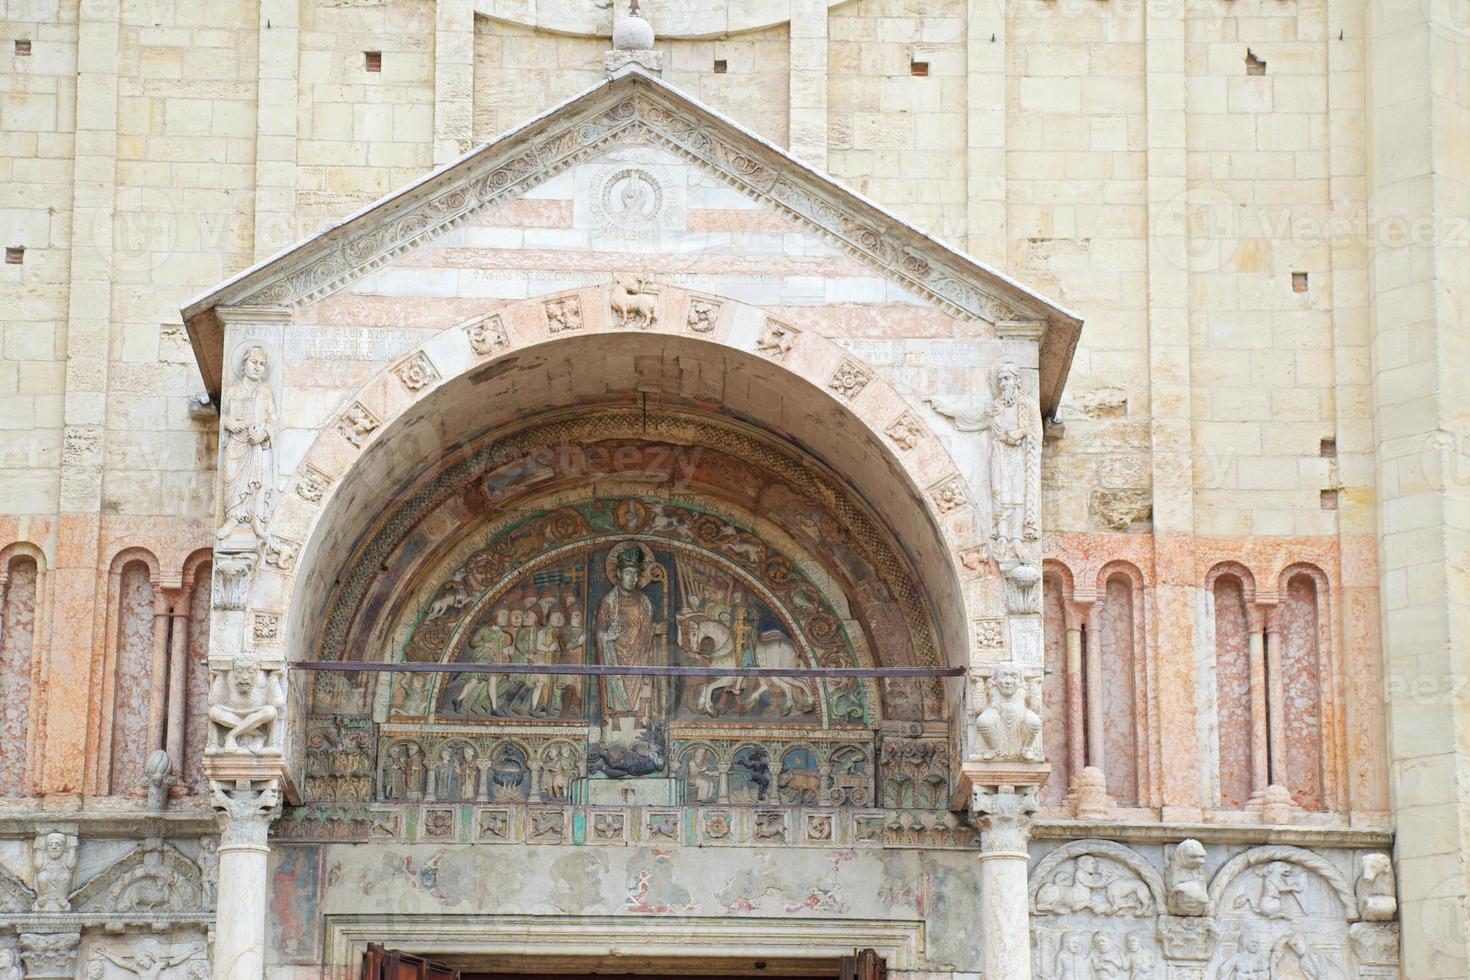 Chiesa di San Zeno Maggiore dettaglio, Verona, Italia. foto